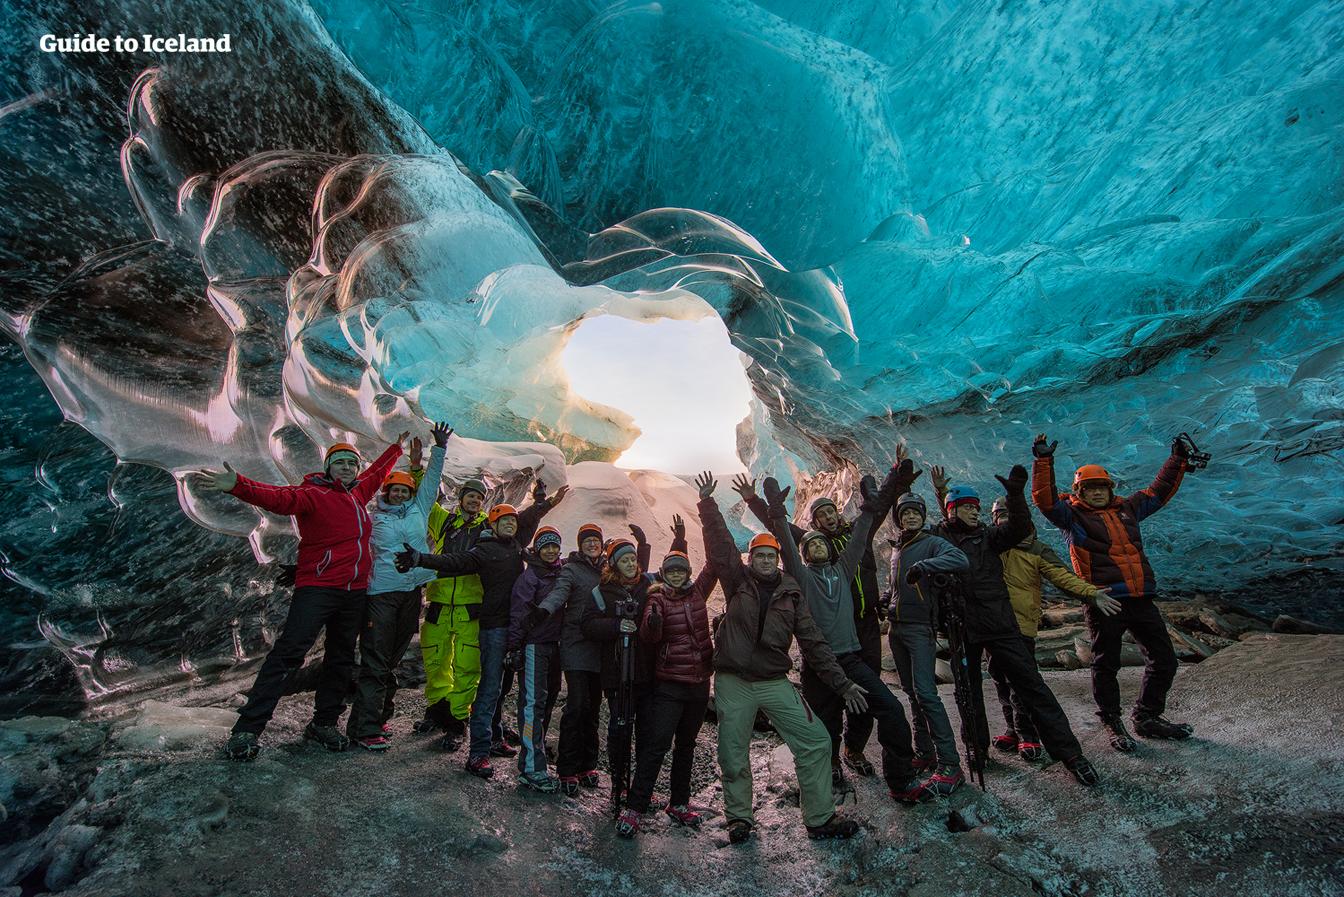 Relaksująca 11-dniowa, zimowa wycieczka z własnym samochodem po południowym wybrzeżu Islandii i Snaefellsnes - day 7